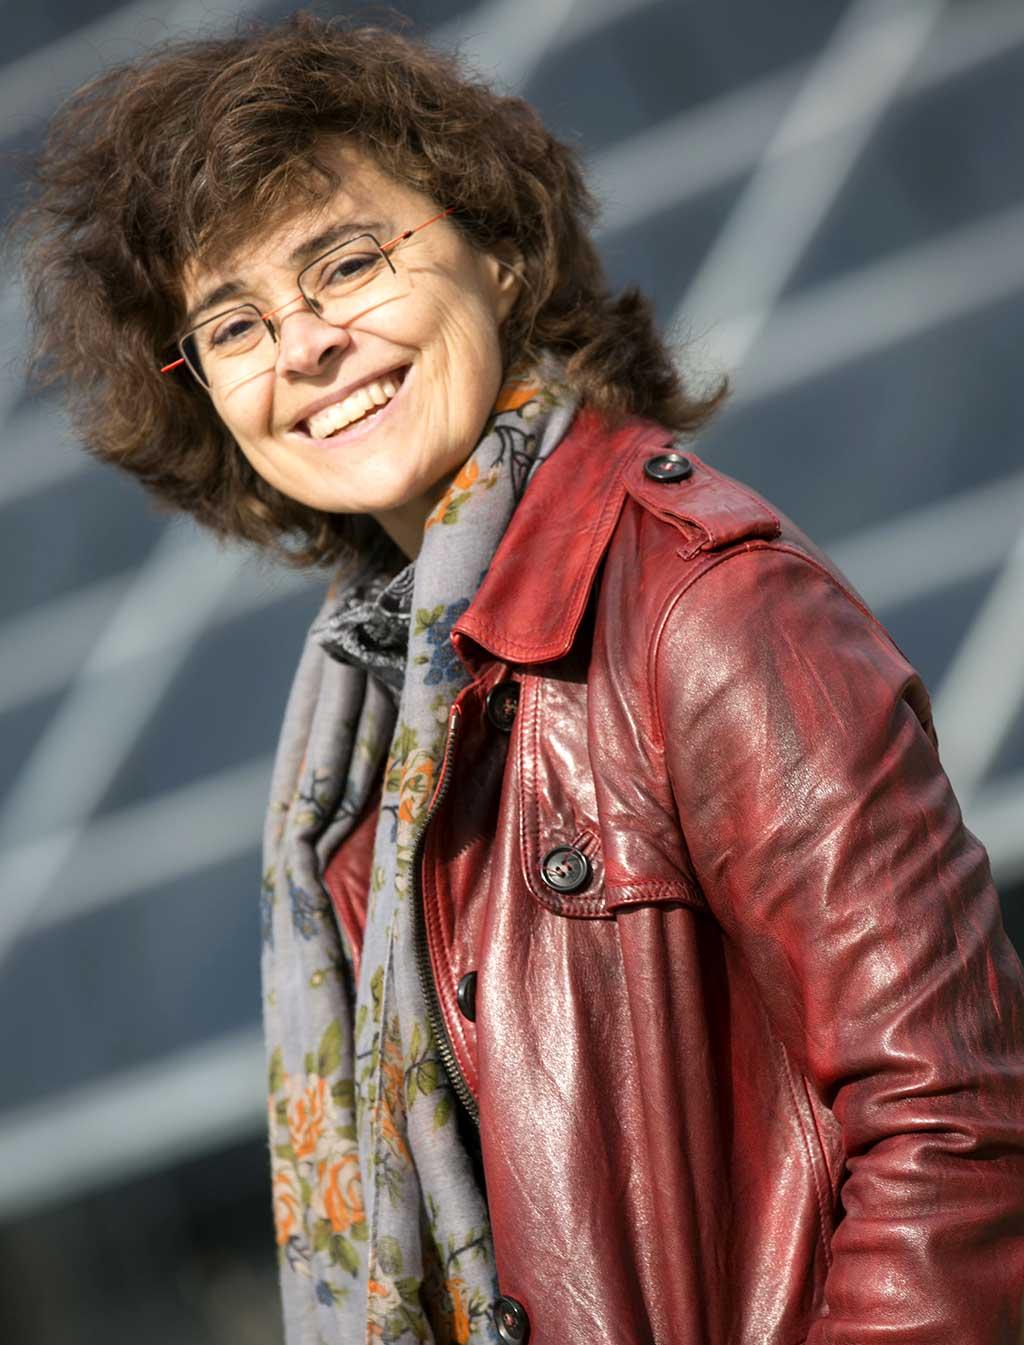 Pionnières de la musique québécoise: Véronique Lacroix, directrice artistique d'ECM+. (Photo : Pierre-Étienne Bergeron)